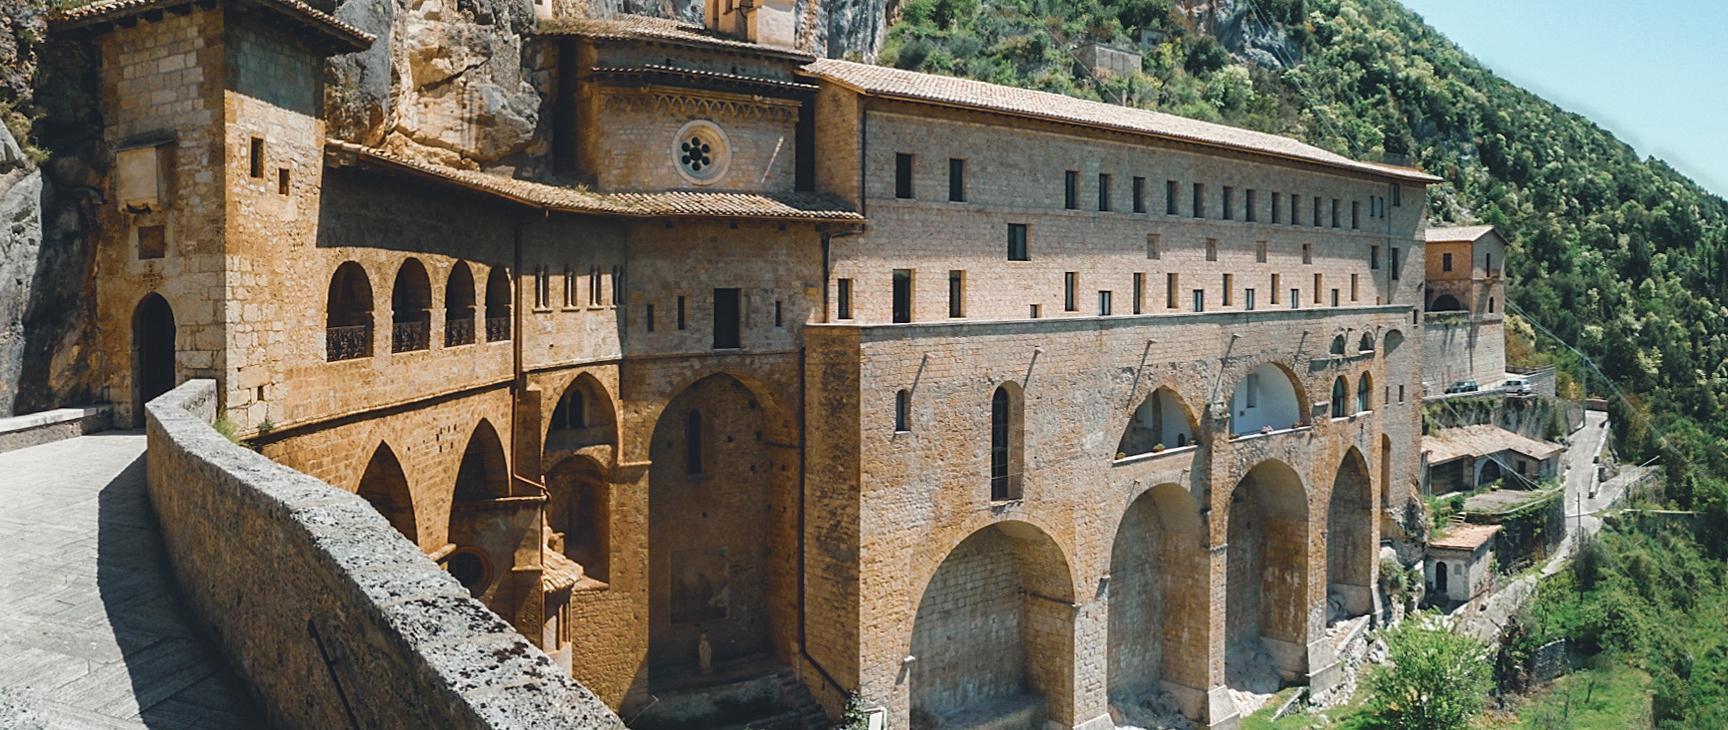 Zaštićeno: Pietrelcina – Foligno – Monte Cassino – Subiaco – Norcia – Loreto